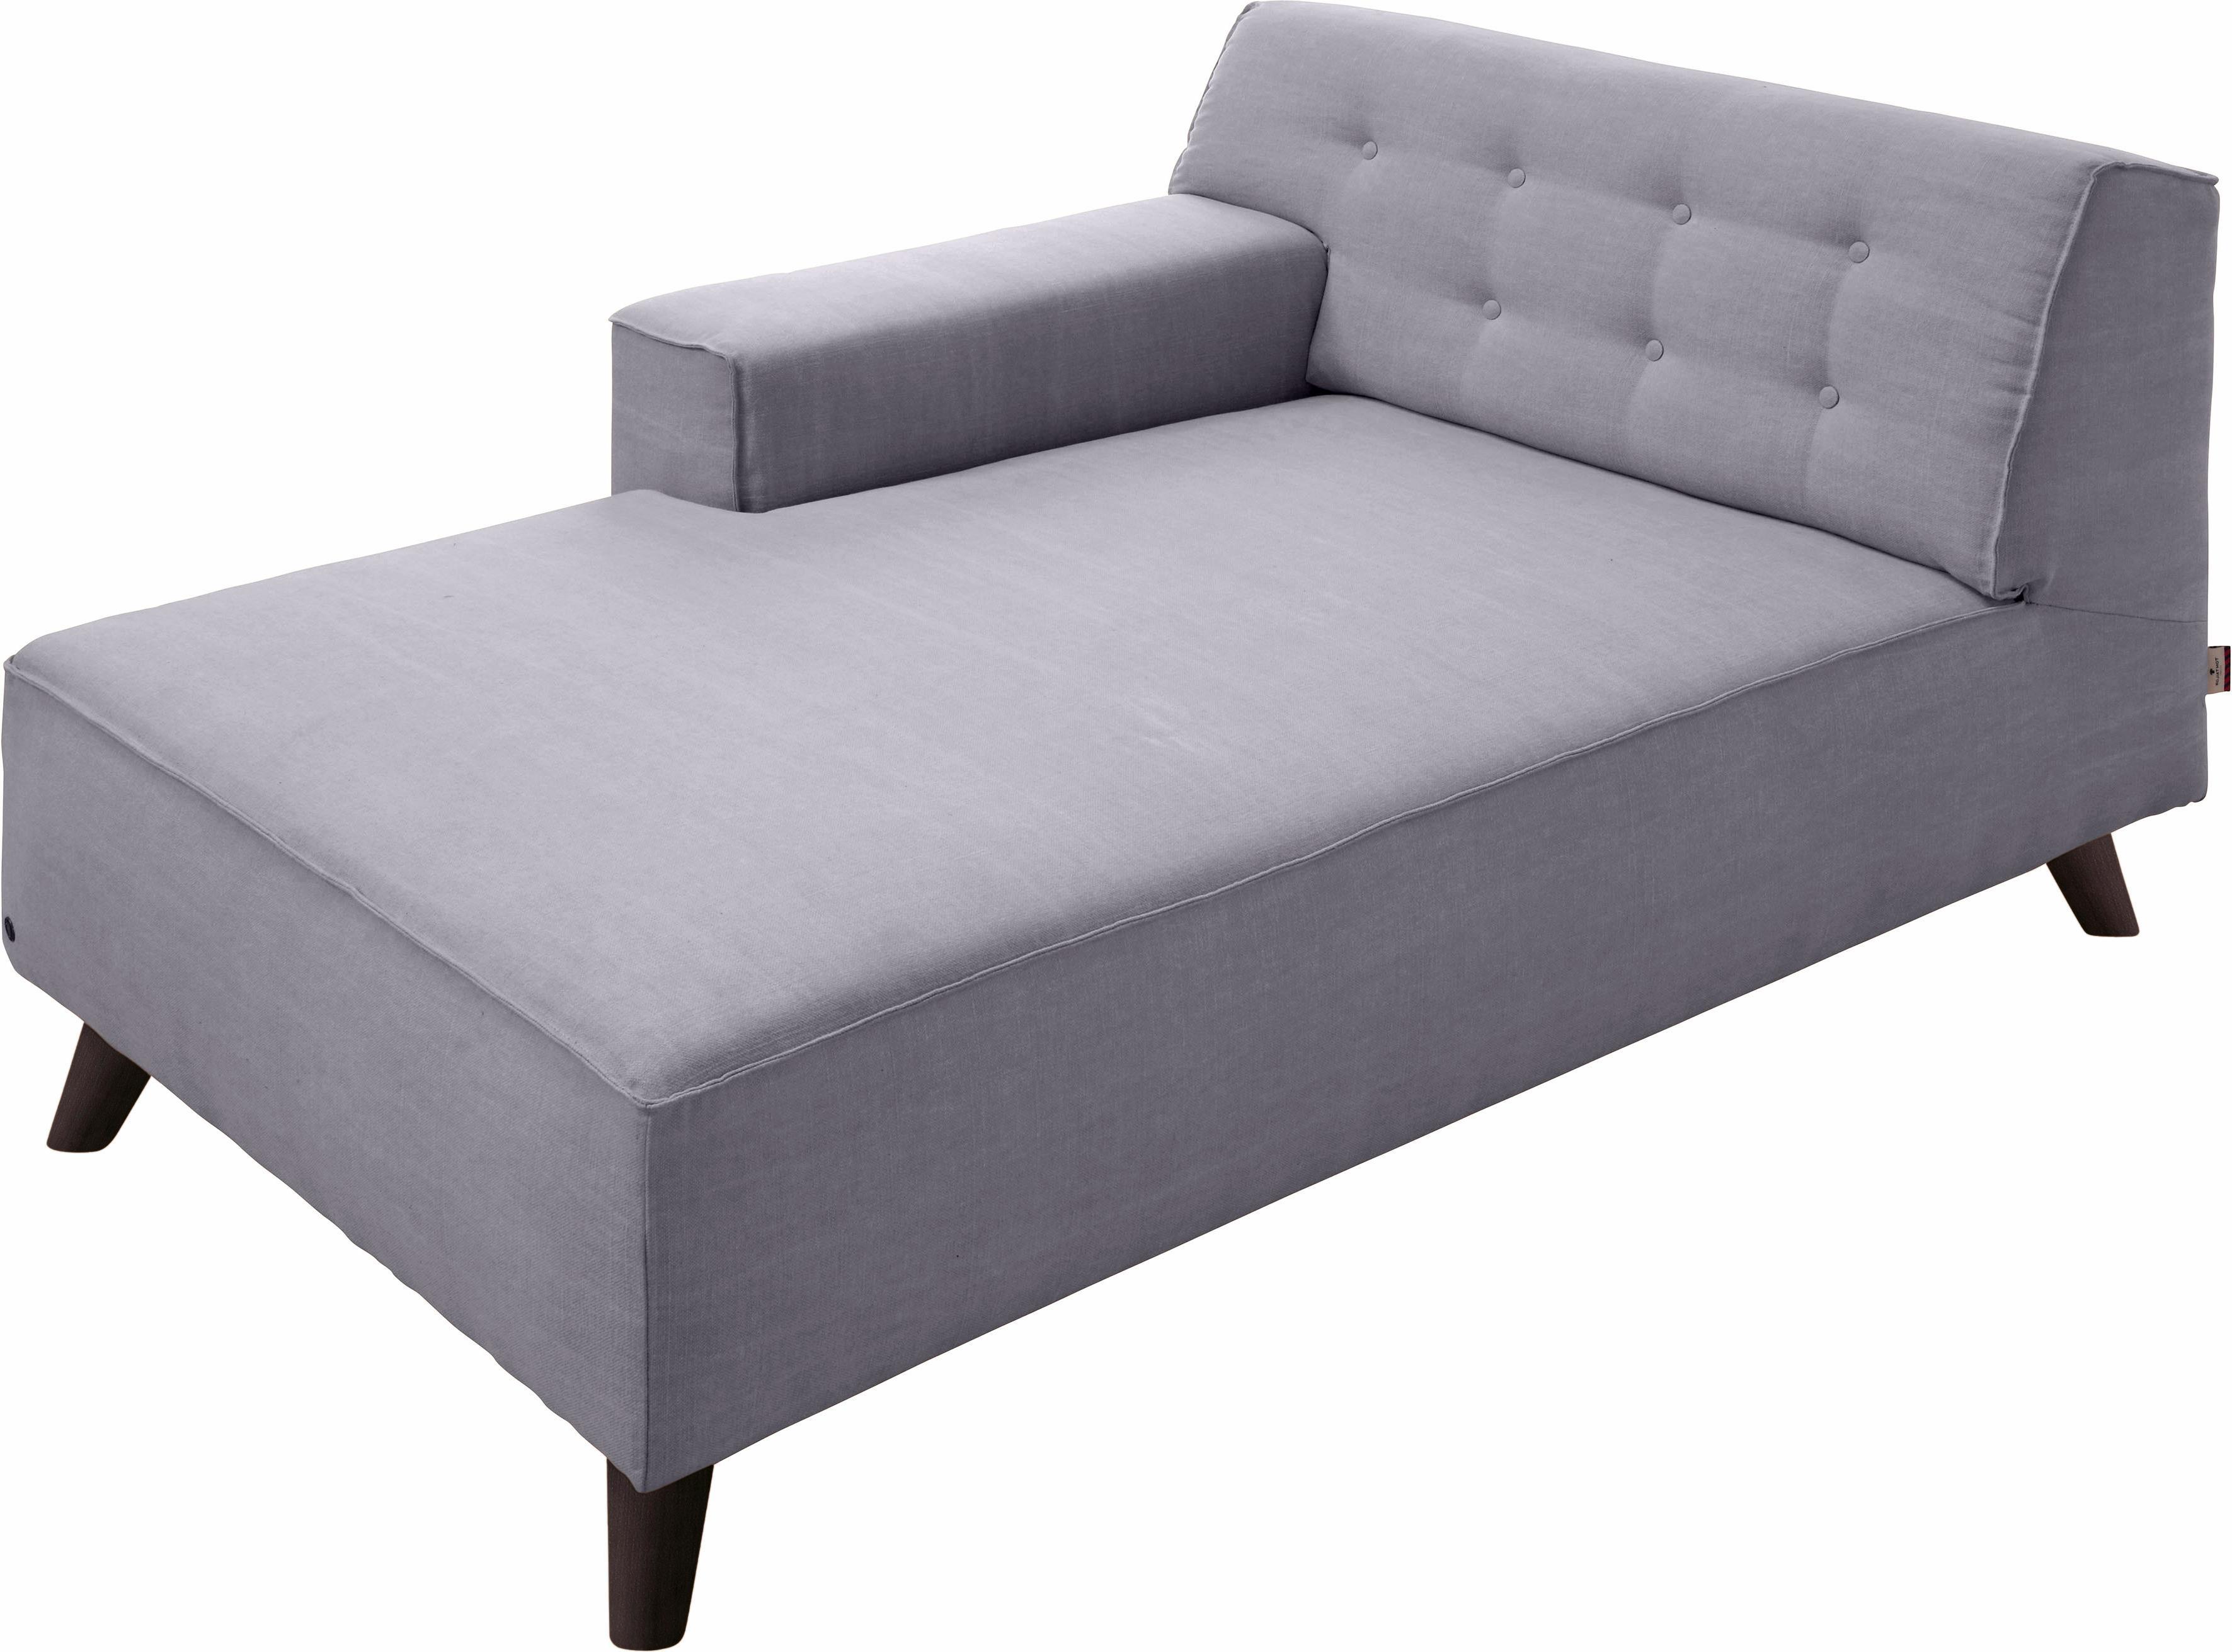 Lila Webstoff Relaxliegen Online Kaufen Möbel Suchmaschine